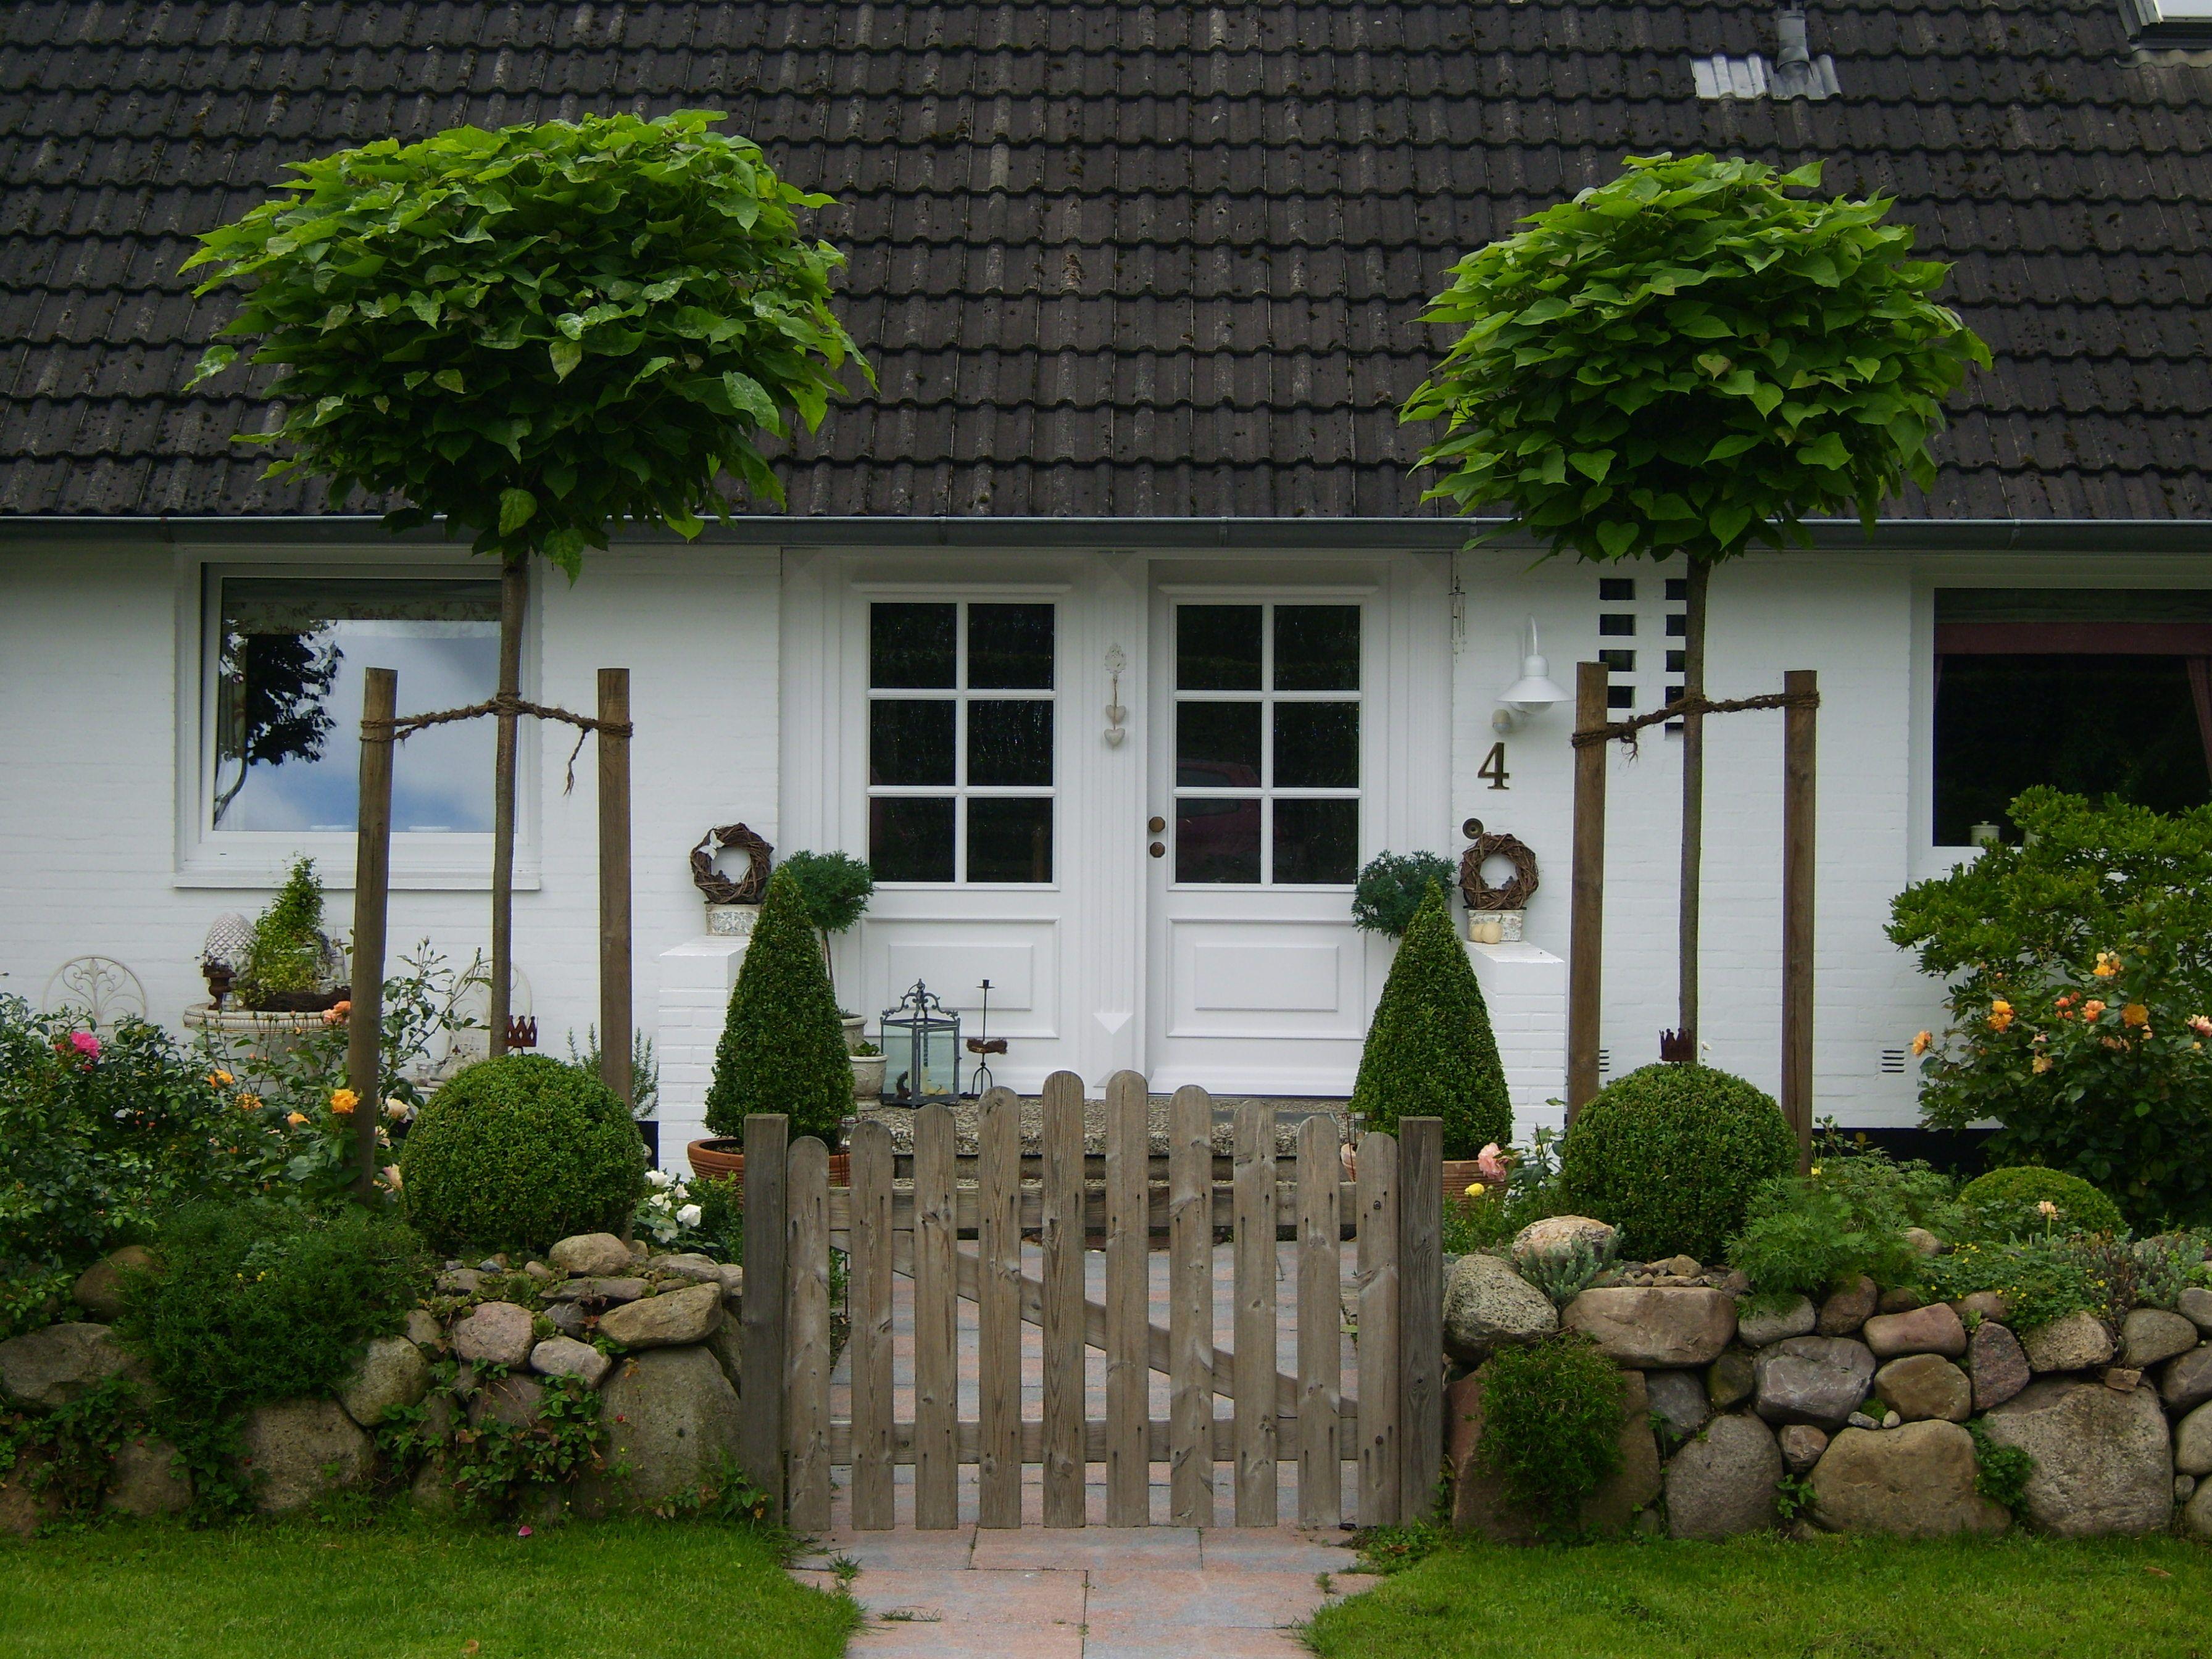 entree wohnen und garten foto vorgarten pinterest garten garten ideen und garten deko. Black Bedroom Furniture Sets. Home Design Ideas